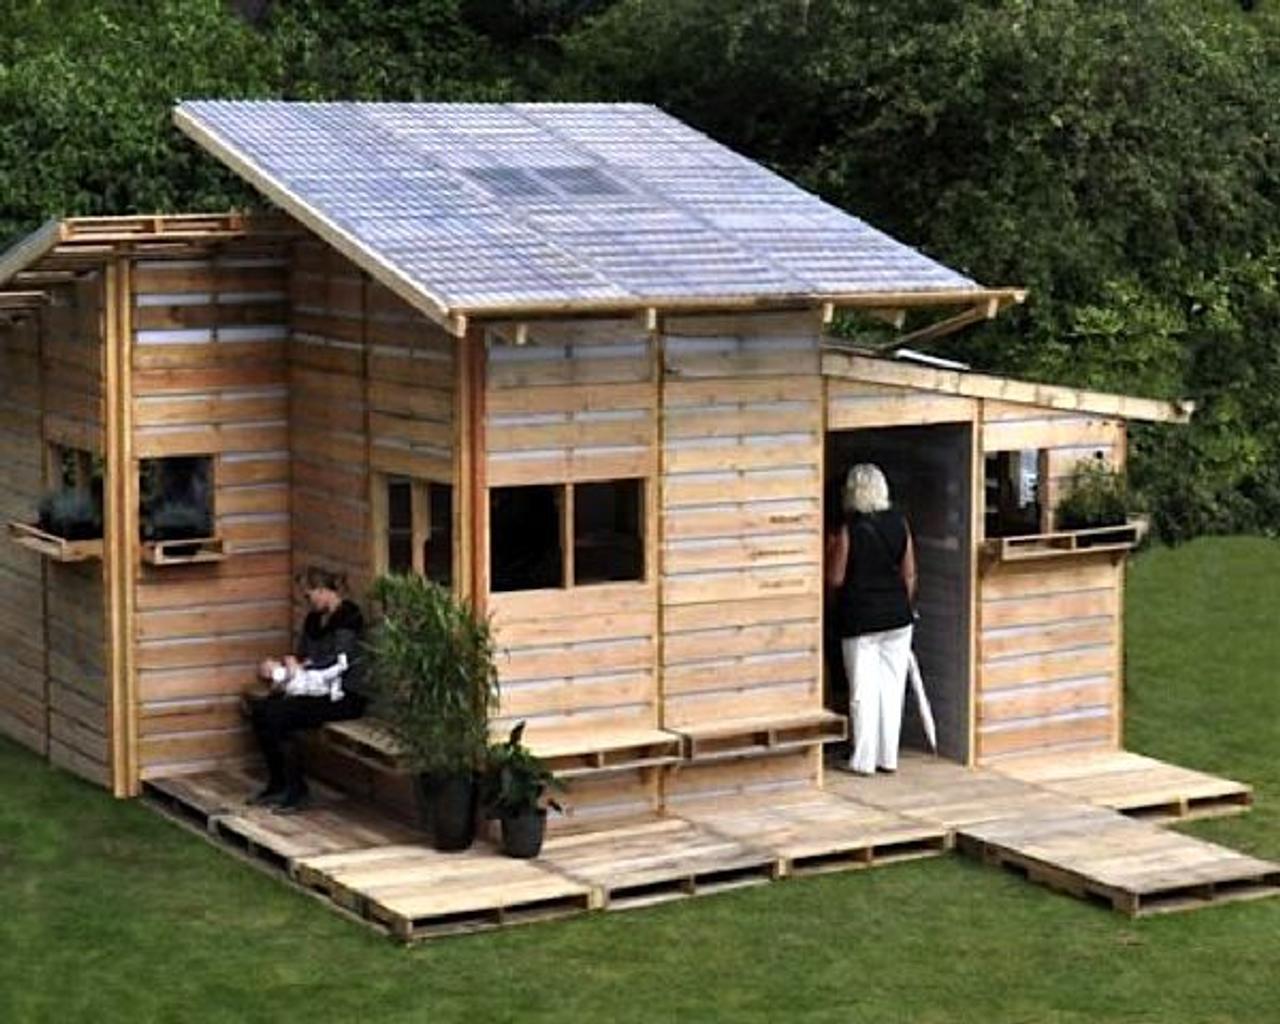 Cтроительство дачного домика из поддонов за 1 день, своими руками